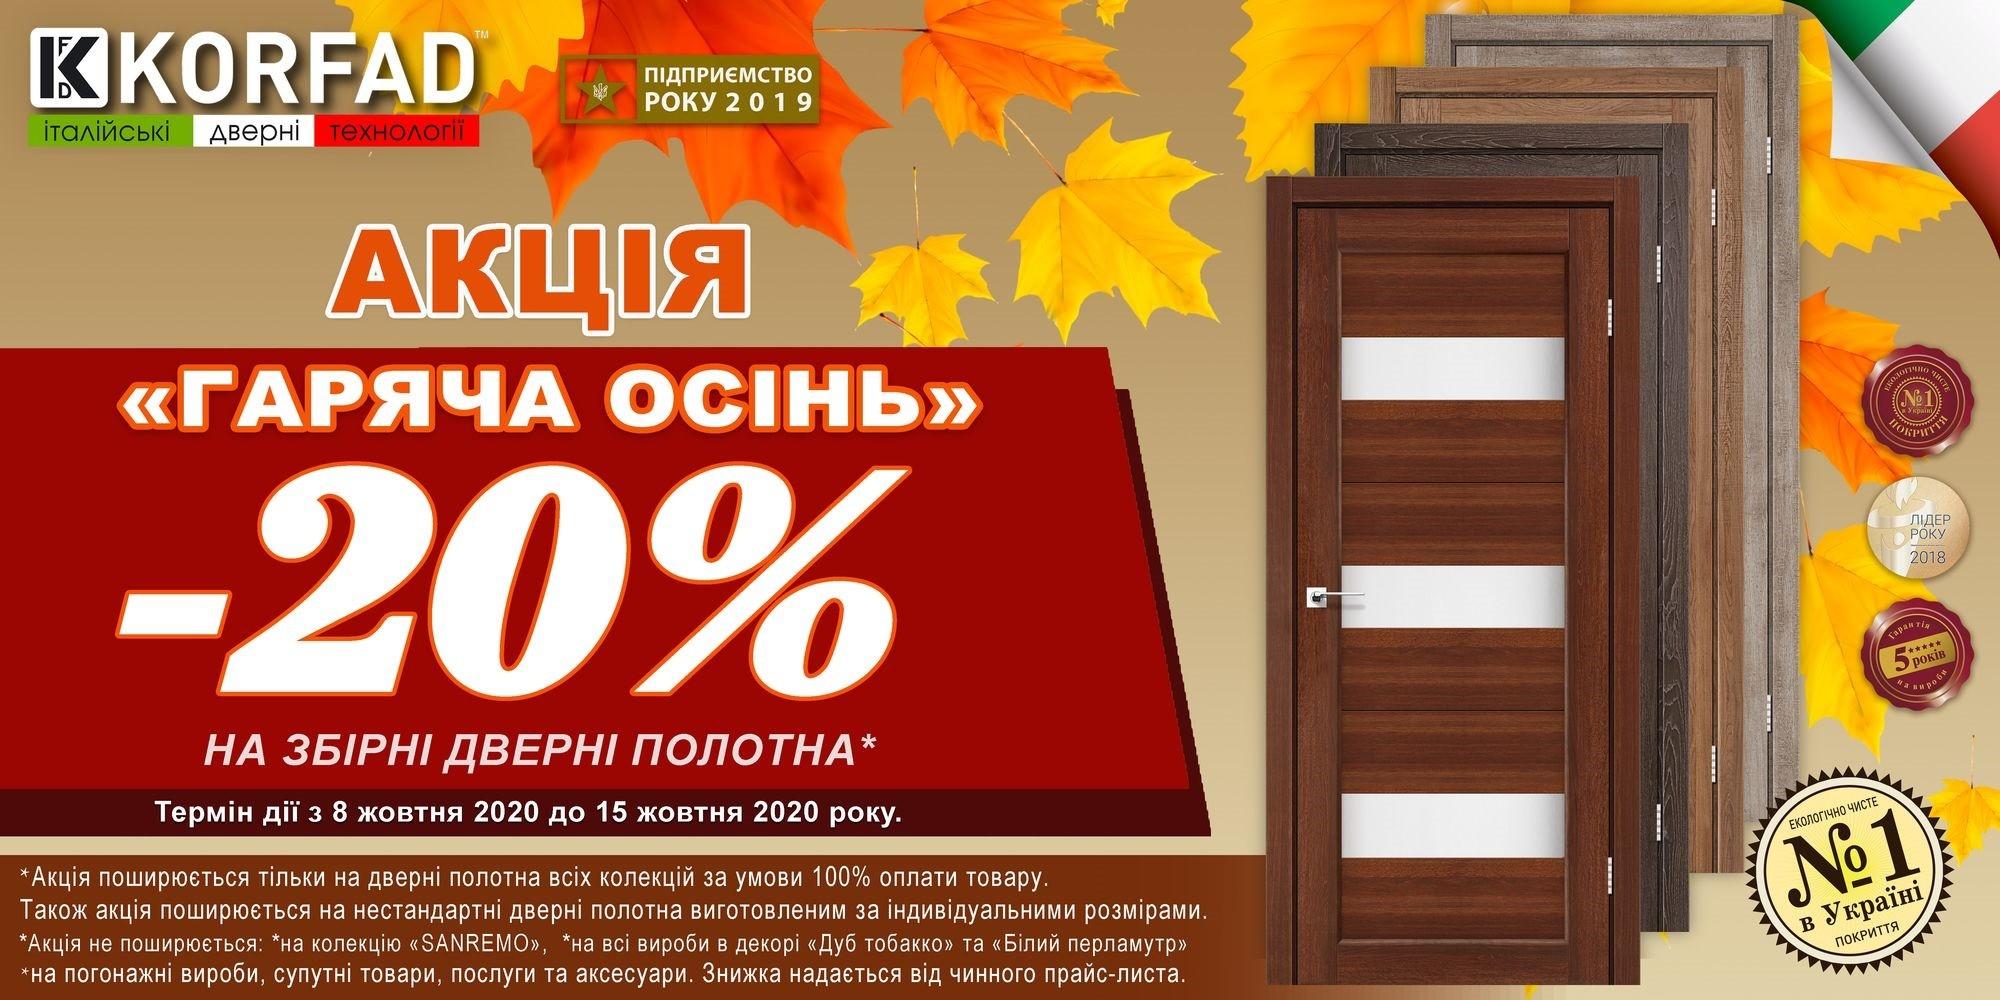 - 20% знижка на дверні полотна*